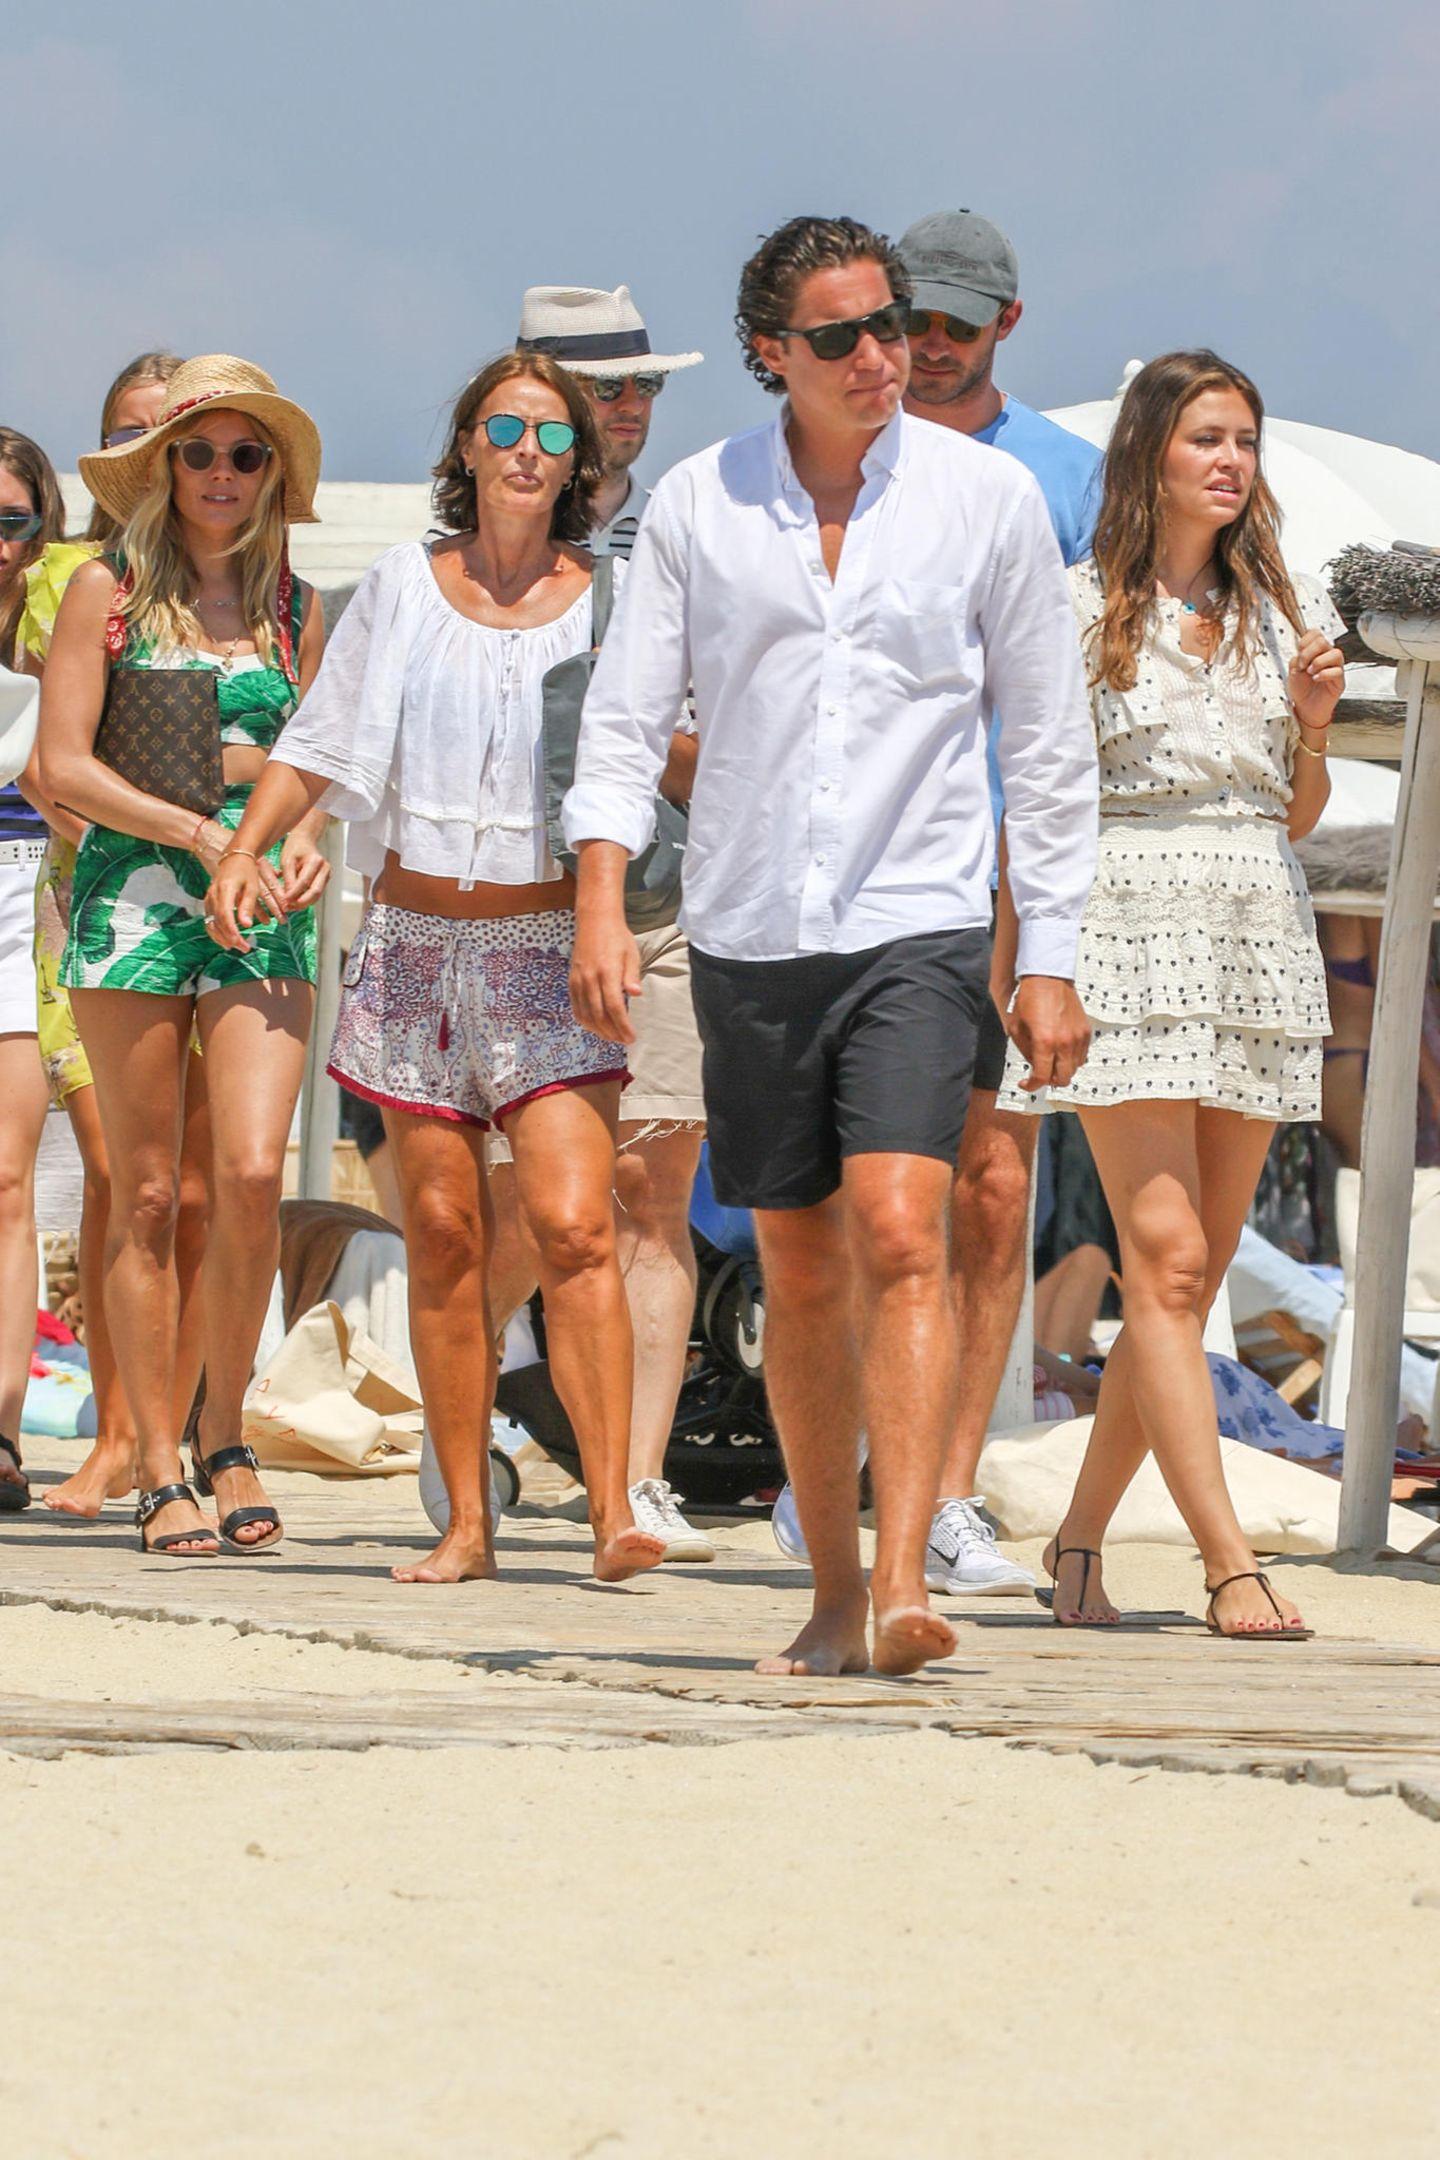 25. Juli 2018  Sienna Miller reist derzeit mit einer Gruppe von Freunden auf einer luxuriösen Segelyacht durch Deutschland. Erkennen Sie einen ihrer bekannten Freunde? Ja, Sie haben richtig gesehen. Es ist Vito Schnabel!